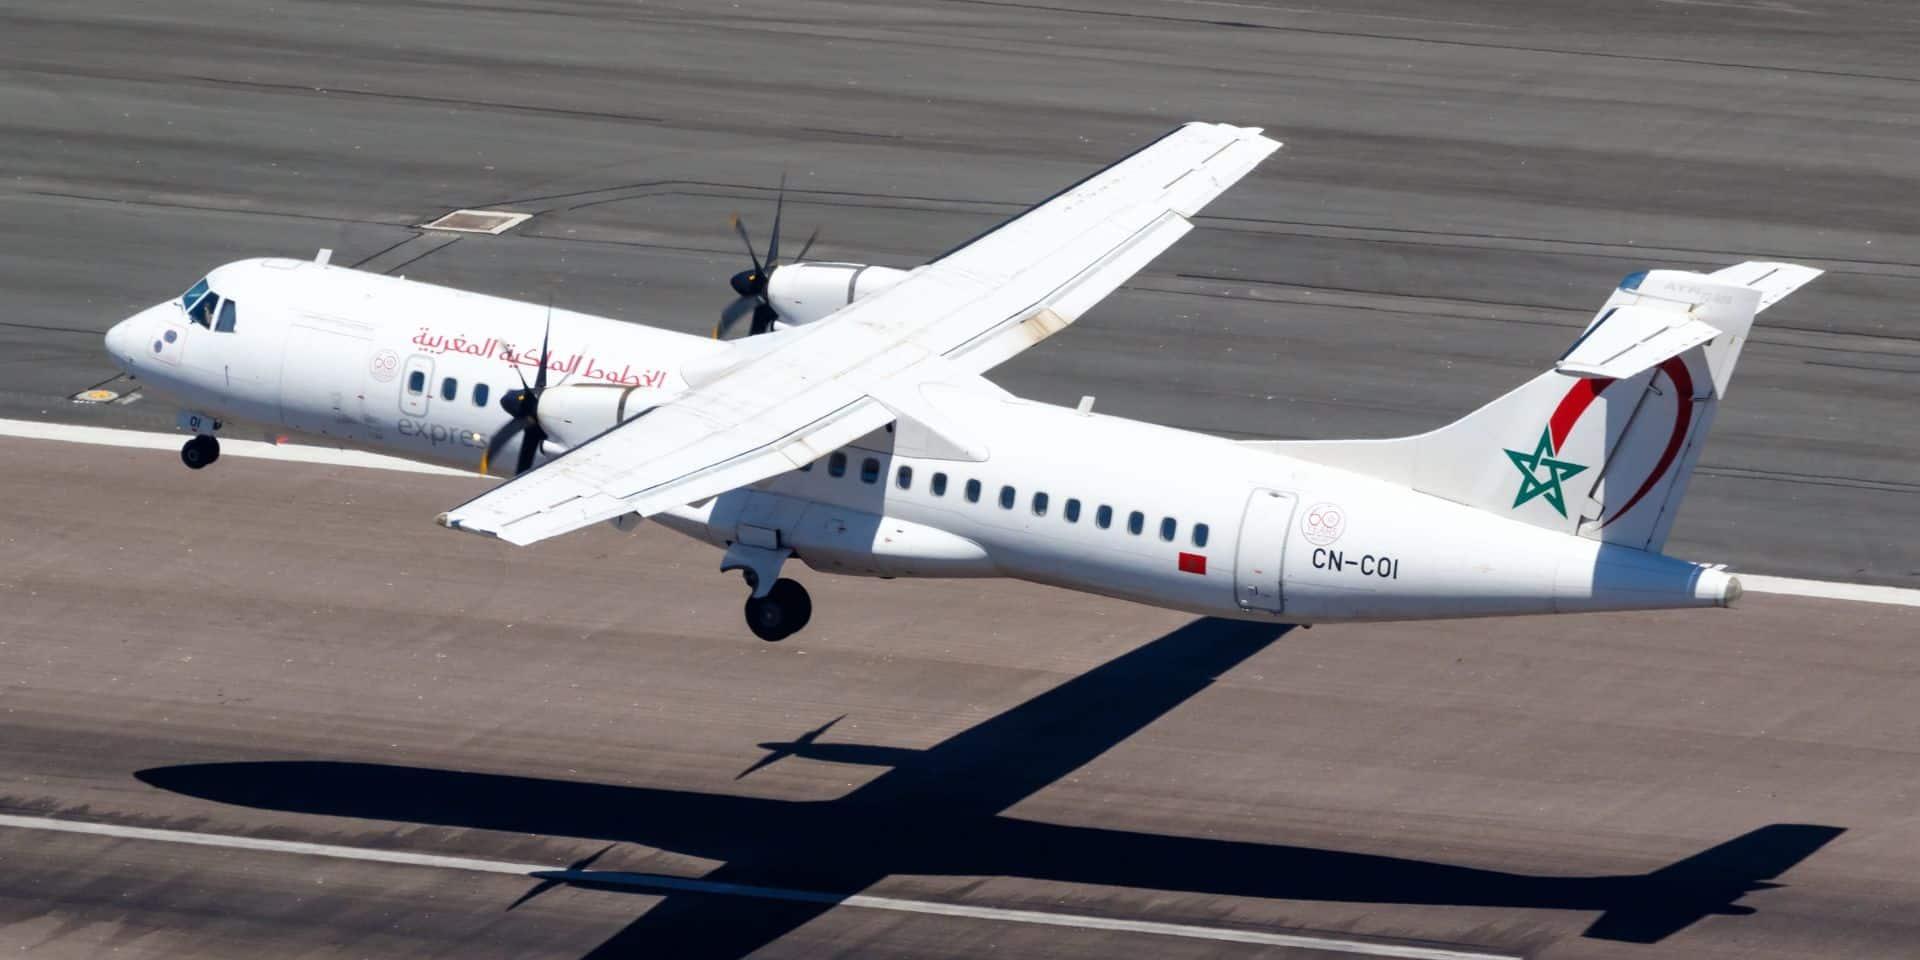 Un homme retrouvé mort à Casablanca dans le train d'atterrissage d'un avion